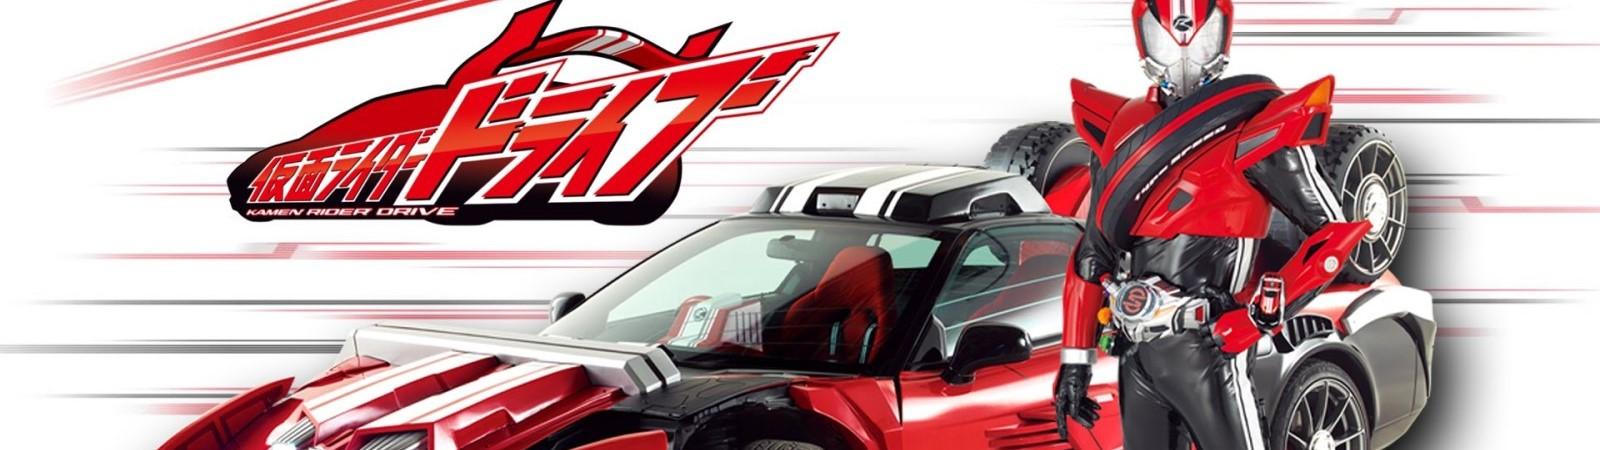 Kamen Rider Drive | Xem Kamen Rider Drive Full HD tại Zing TV